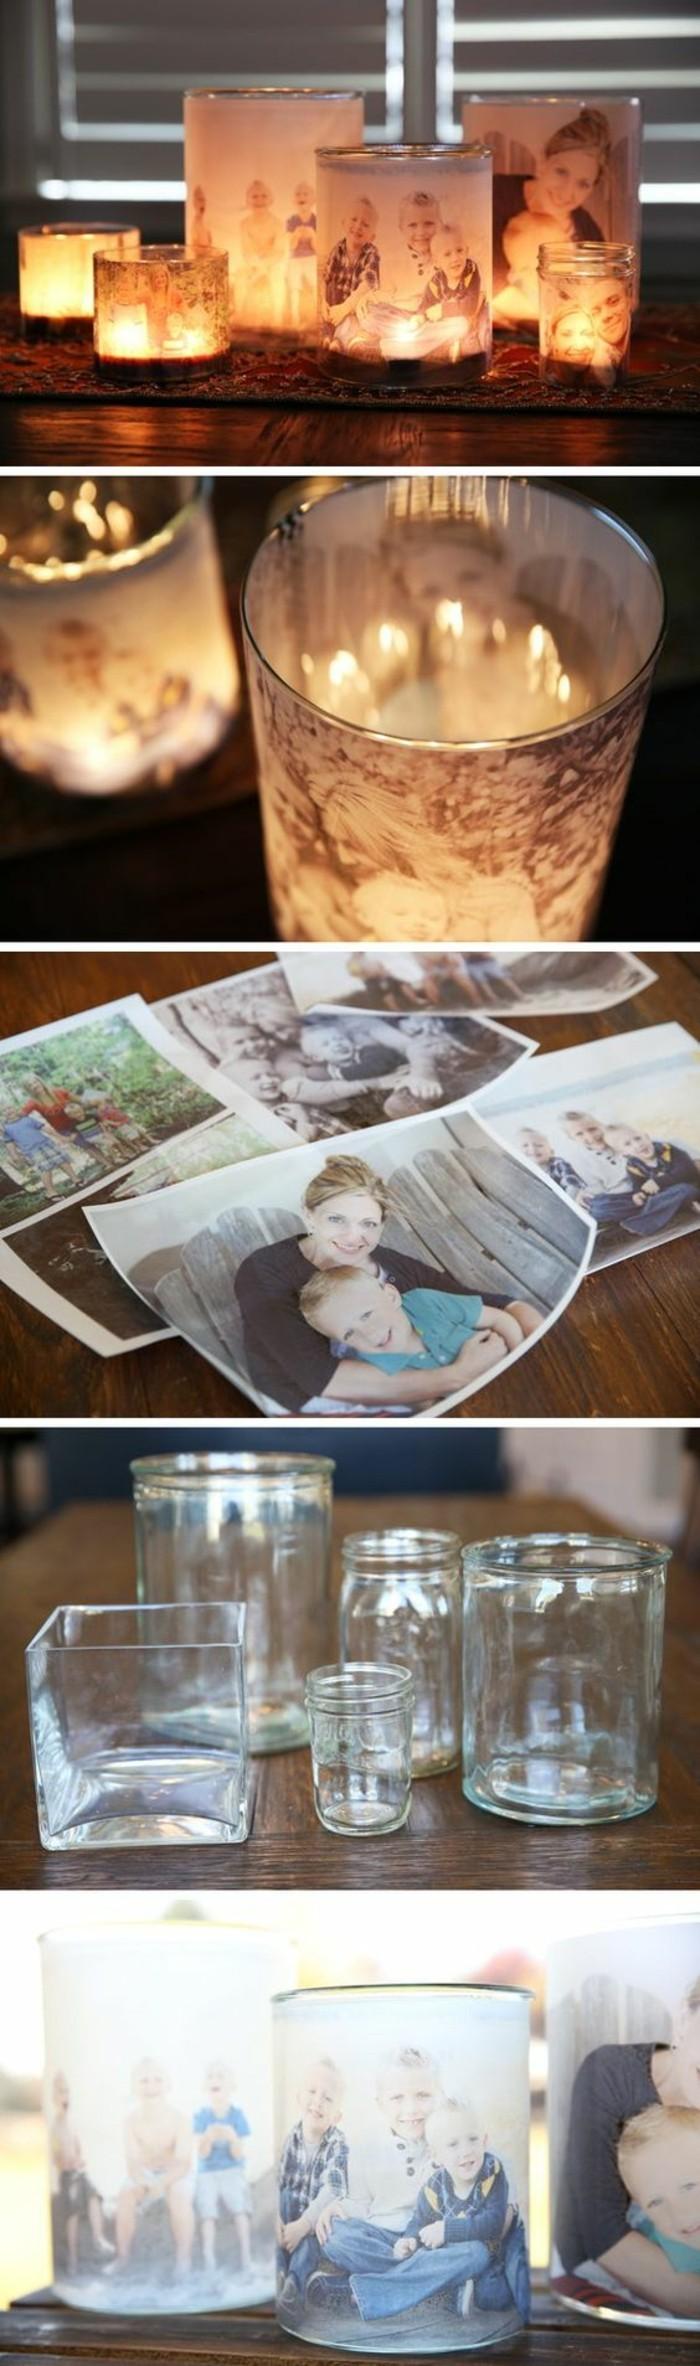 ideas de regalos para la familia, candelabros DIY super originales con fotos, regalos personalizados ideas